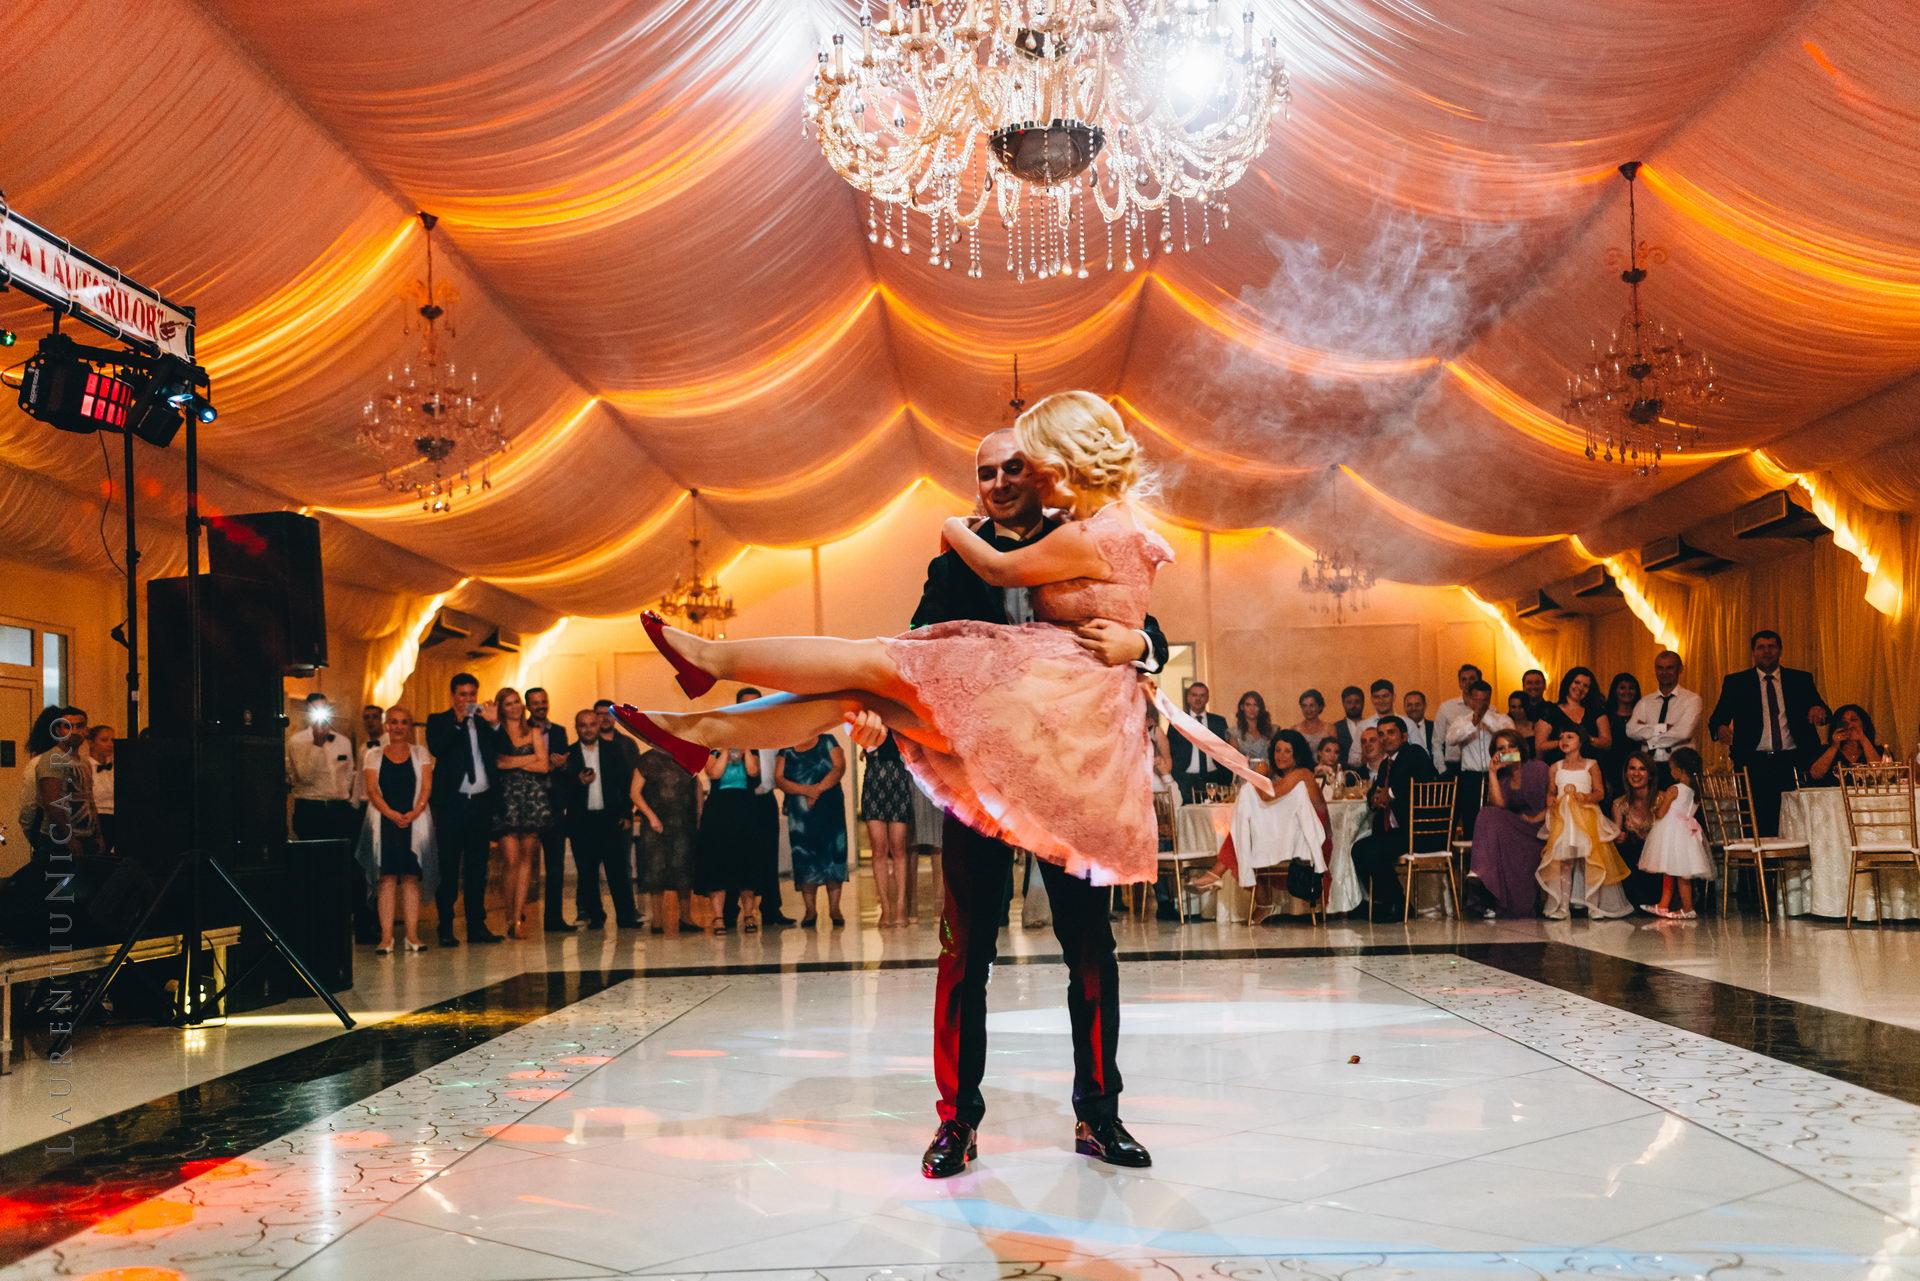 lavinia si adi fotograf laurentiu nica craiova 072 - Lavinia & Adi | Fotografii nunta